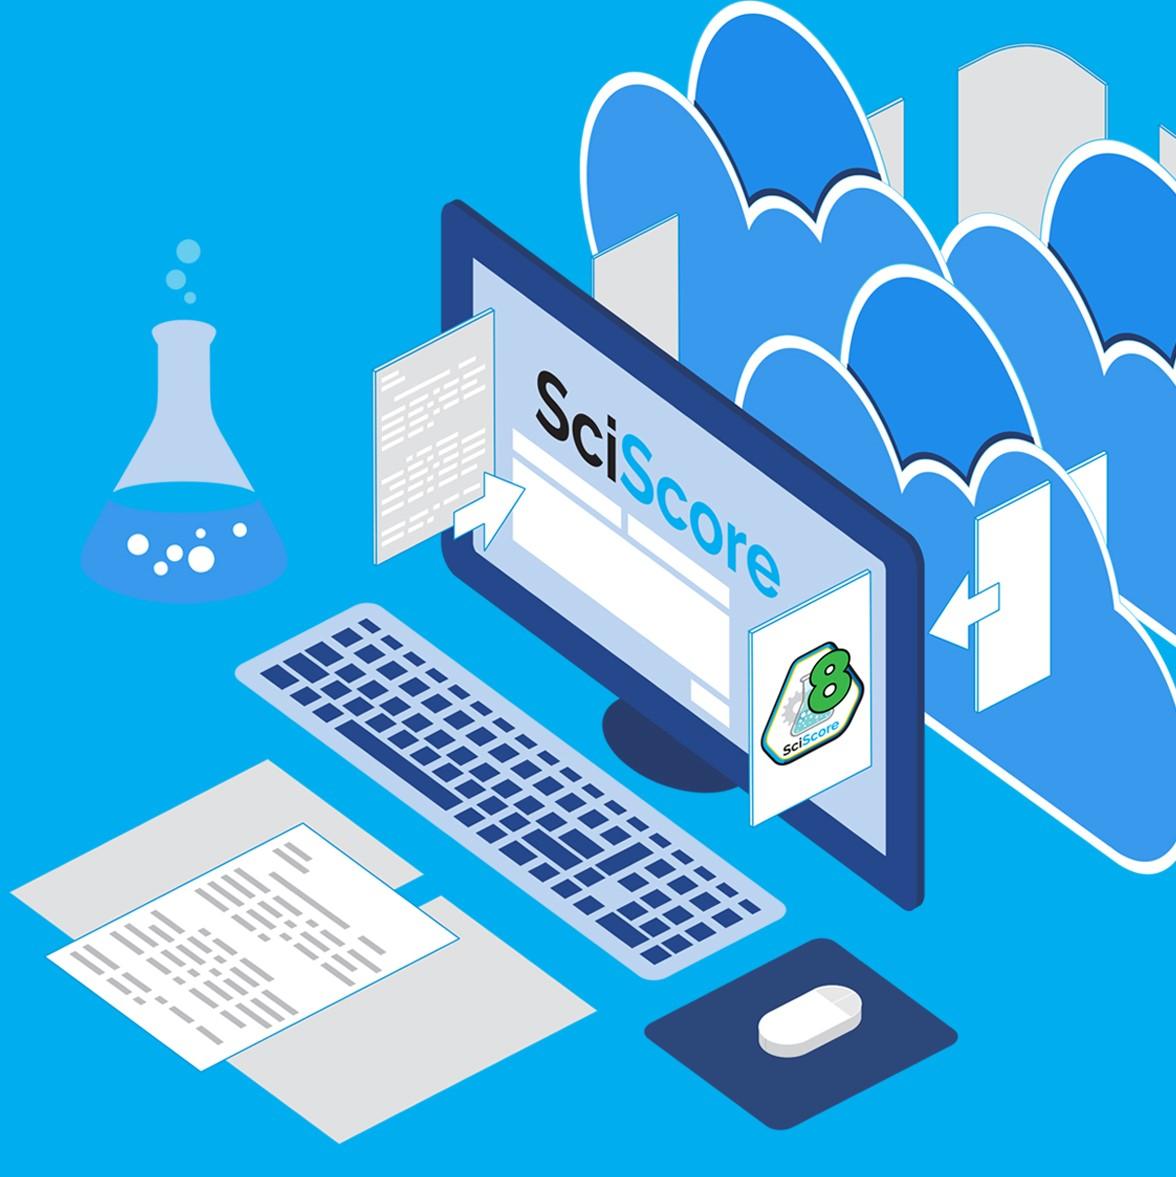 SciScore